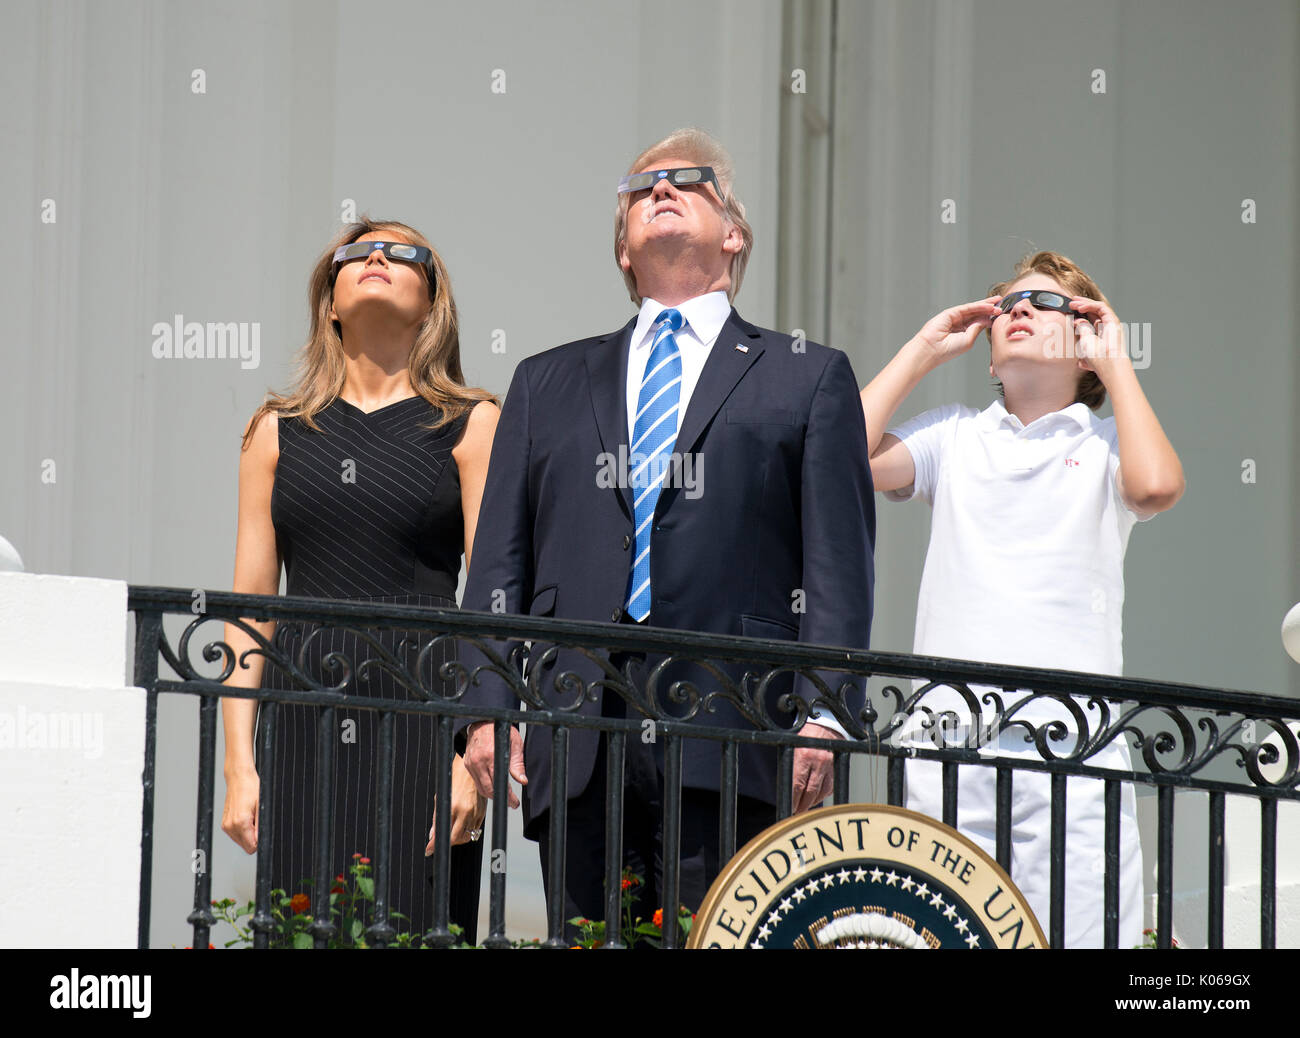 Presidente dos Estados Unidos Donald J. Trump, centro, acompanhado de primeira-dama Melania Trump, para a esquerda e para a direita, Barron Trump, olhar o eclipse parcial do sol a partir da varanda do quarto azul da Casa Branca em Washington DC na segunda-feira, 21 de Agosto de 2017. Crédito: Ron Sachs / CNP - SEM FIOS - Foto: Ron Sachs/Consolidado/DPA Imagens de Stock